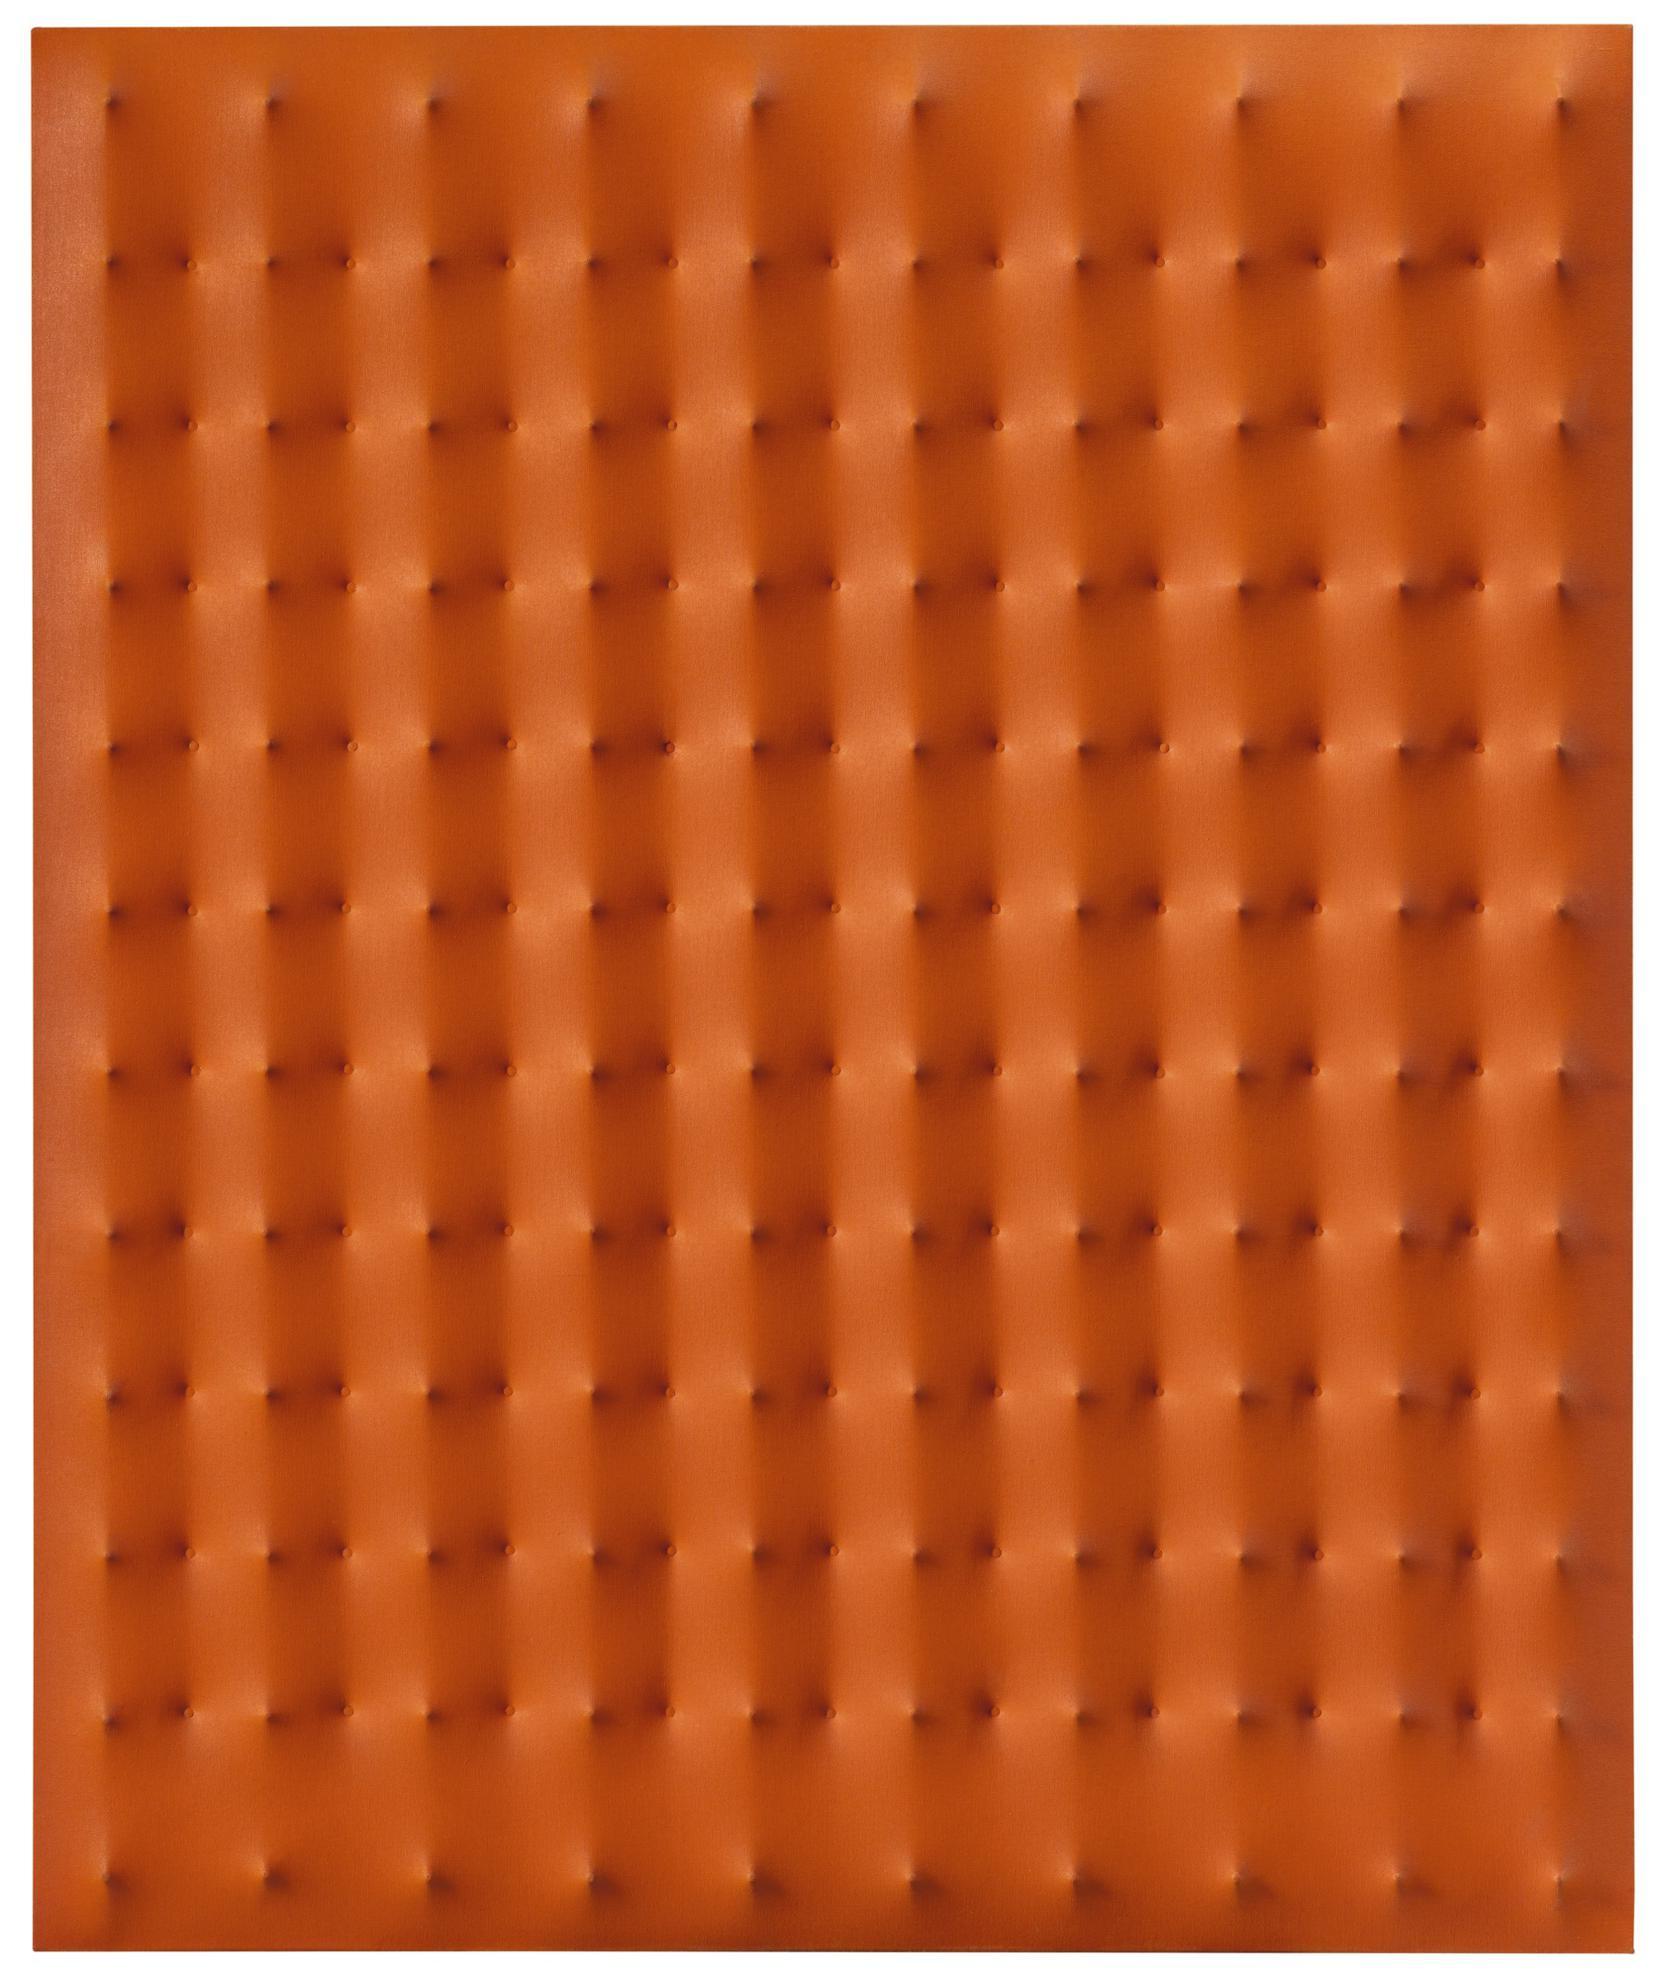 Enrico Castellani-Superficie Arancione-1973